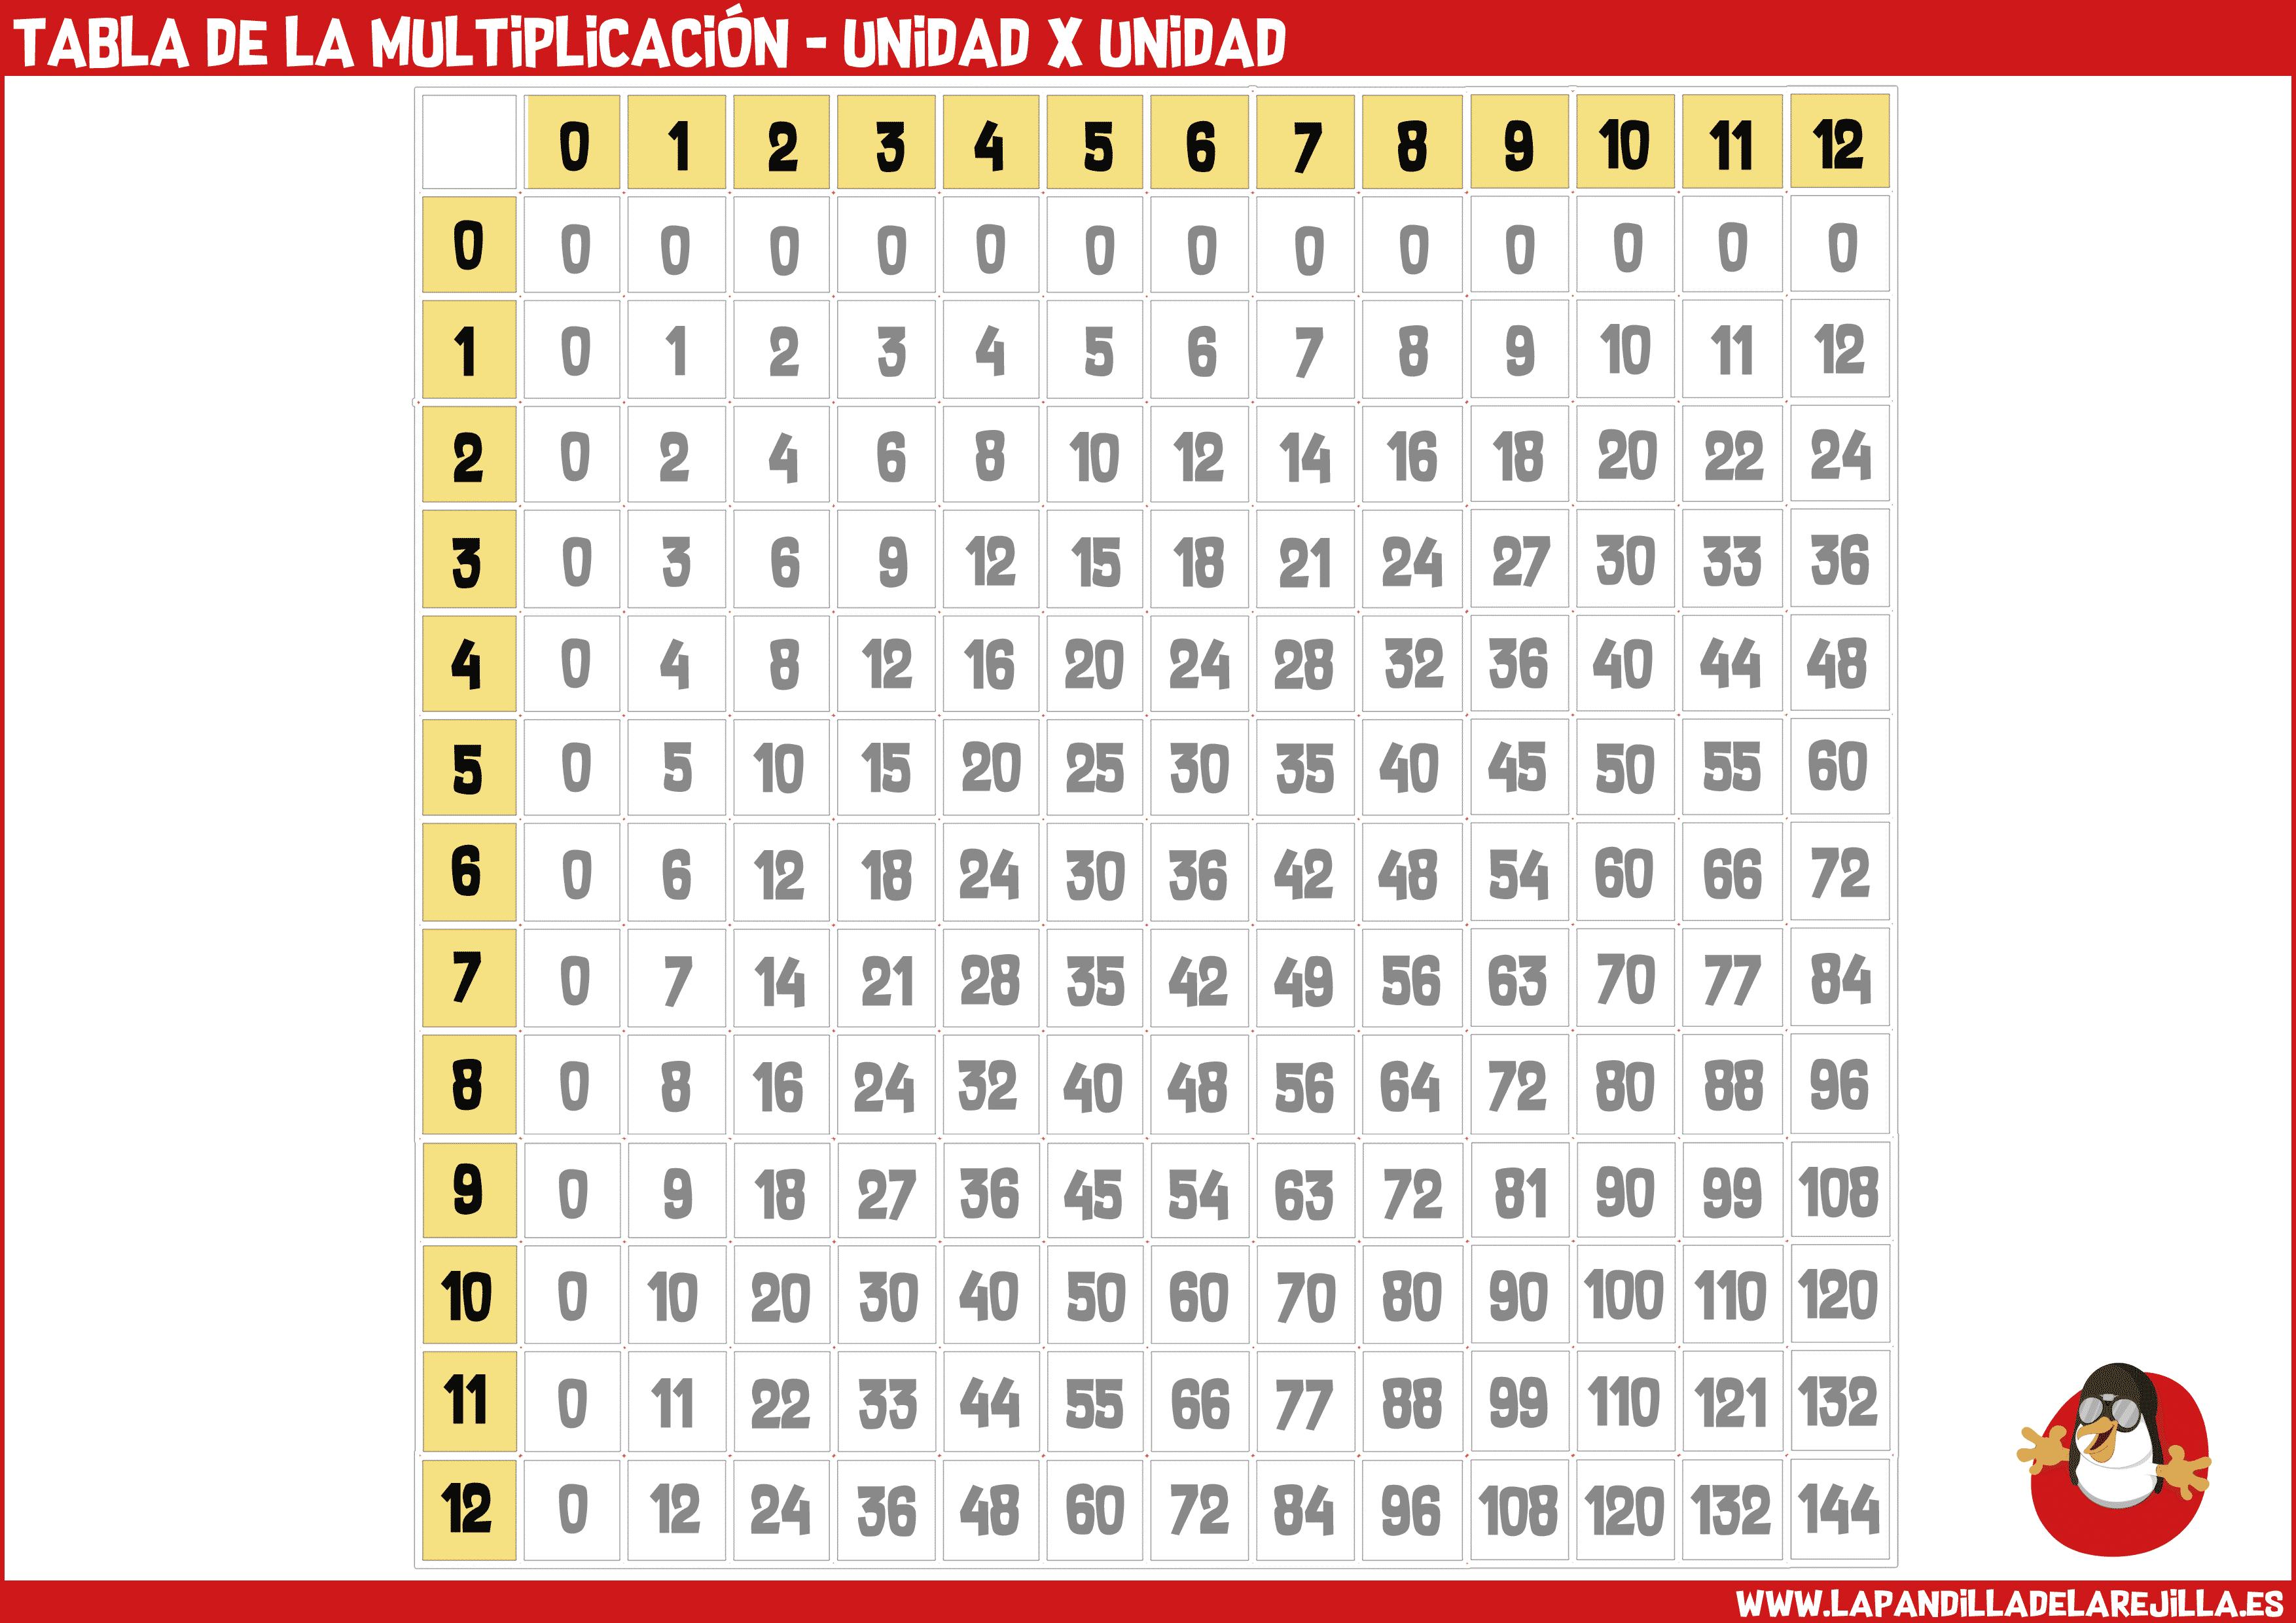 Tabla de la Multiplicacion - Unidad x Unidad